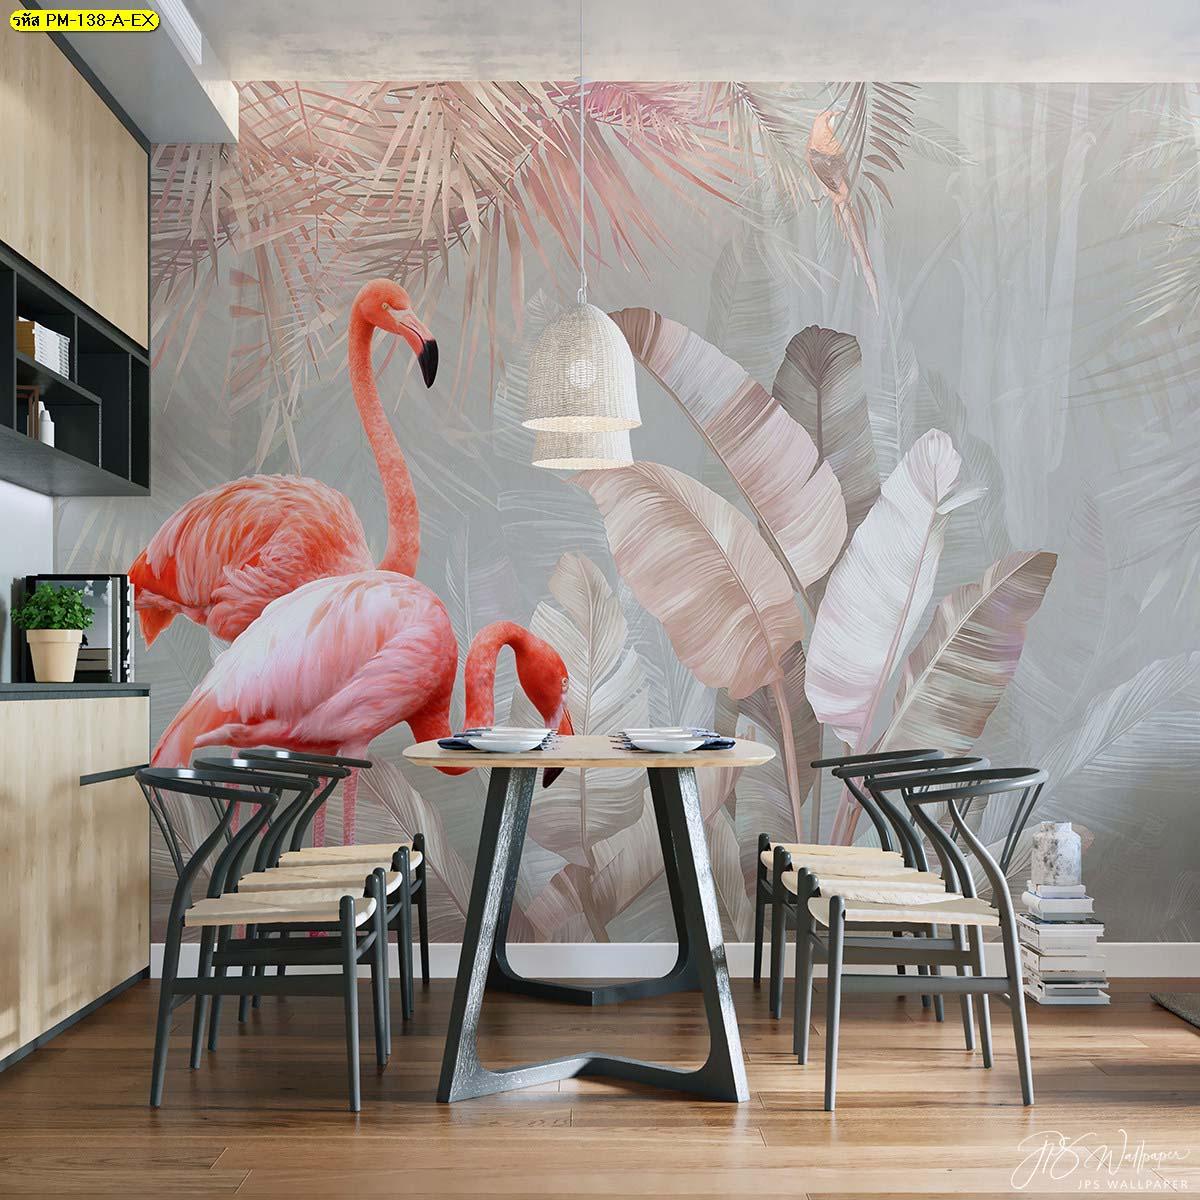 ห้องอาหารเฟอร์นิเจอร์ไม้โทนสีอ่อนลายธรรมชาติ ประดับภาพพิมพ์ฟลามิงโกสีสดใส